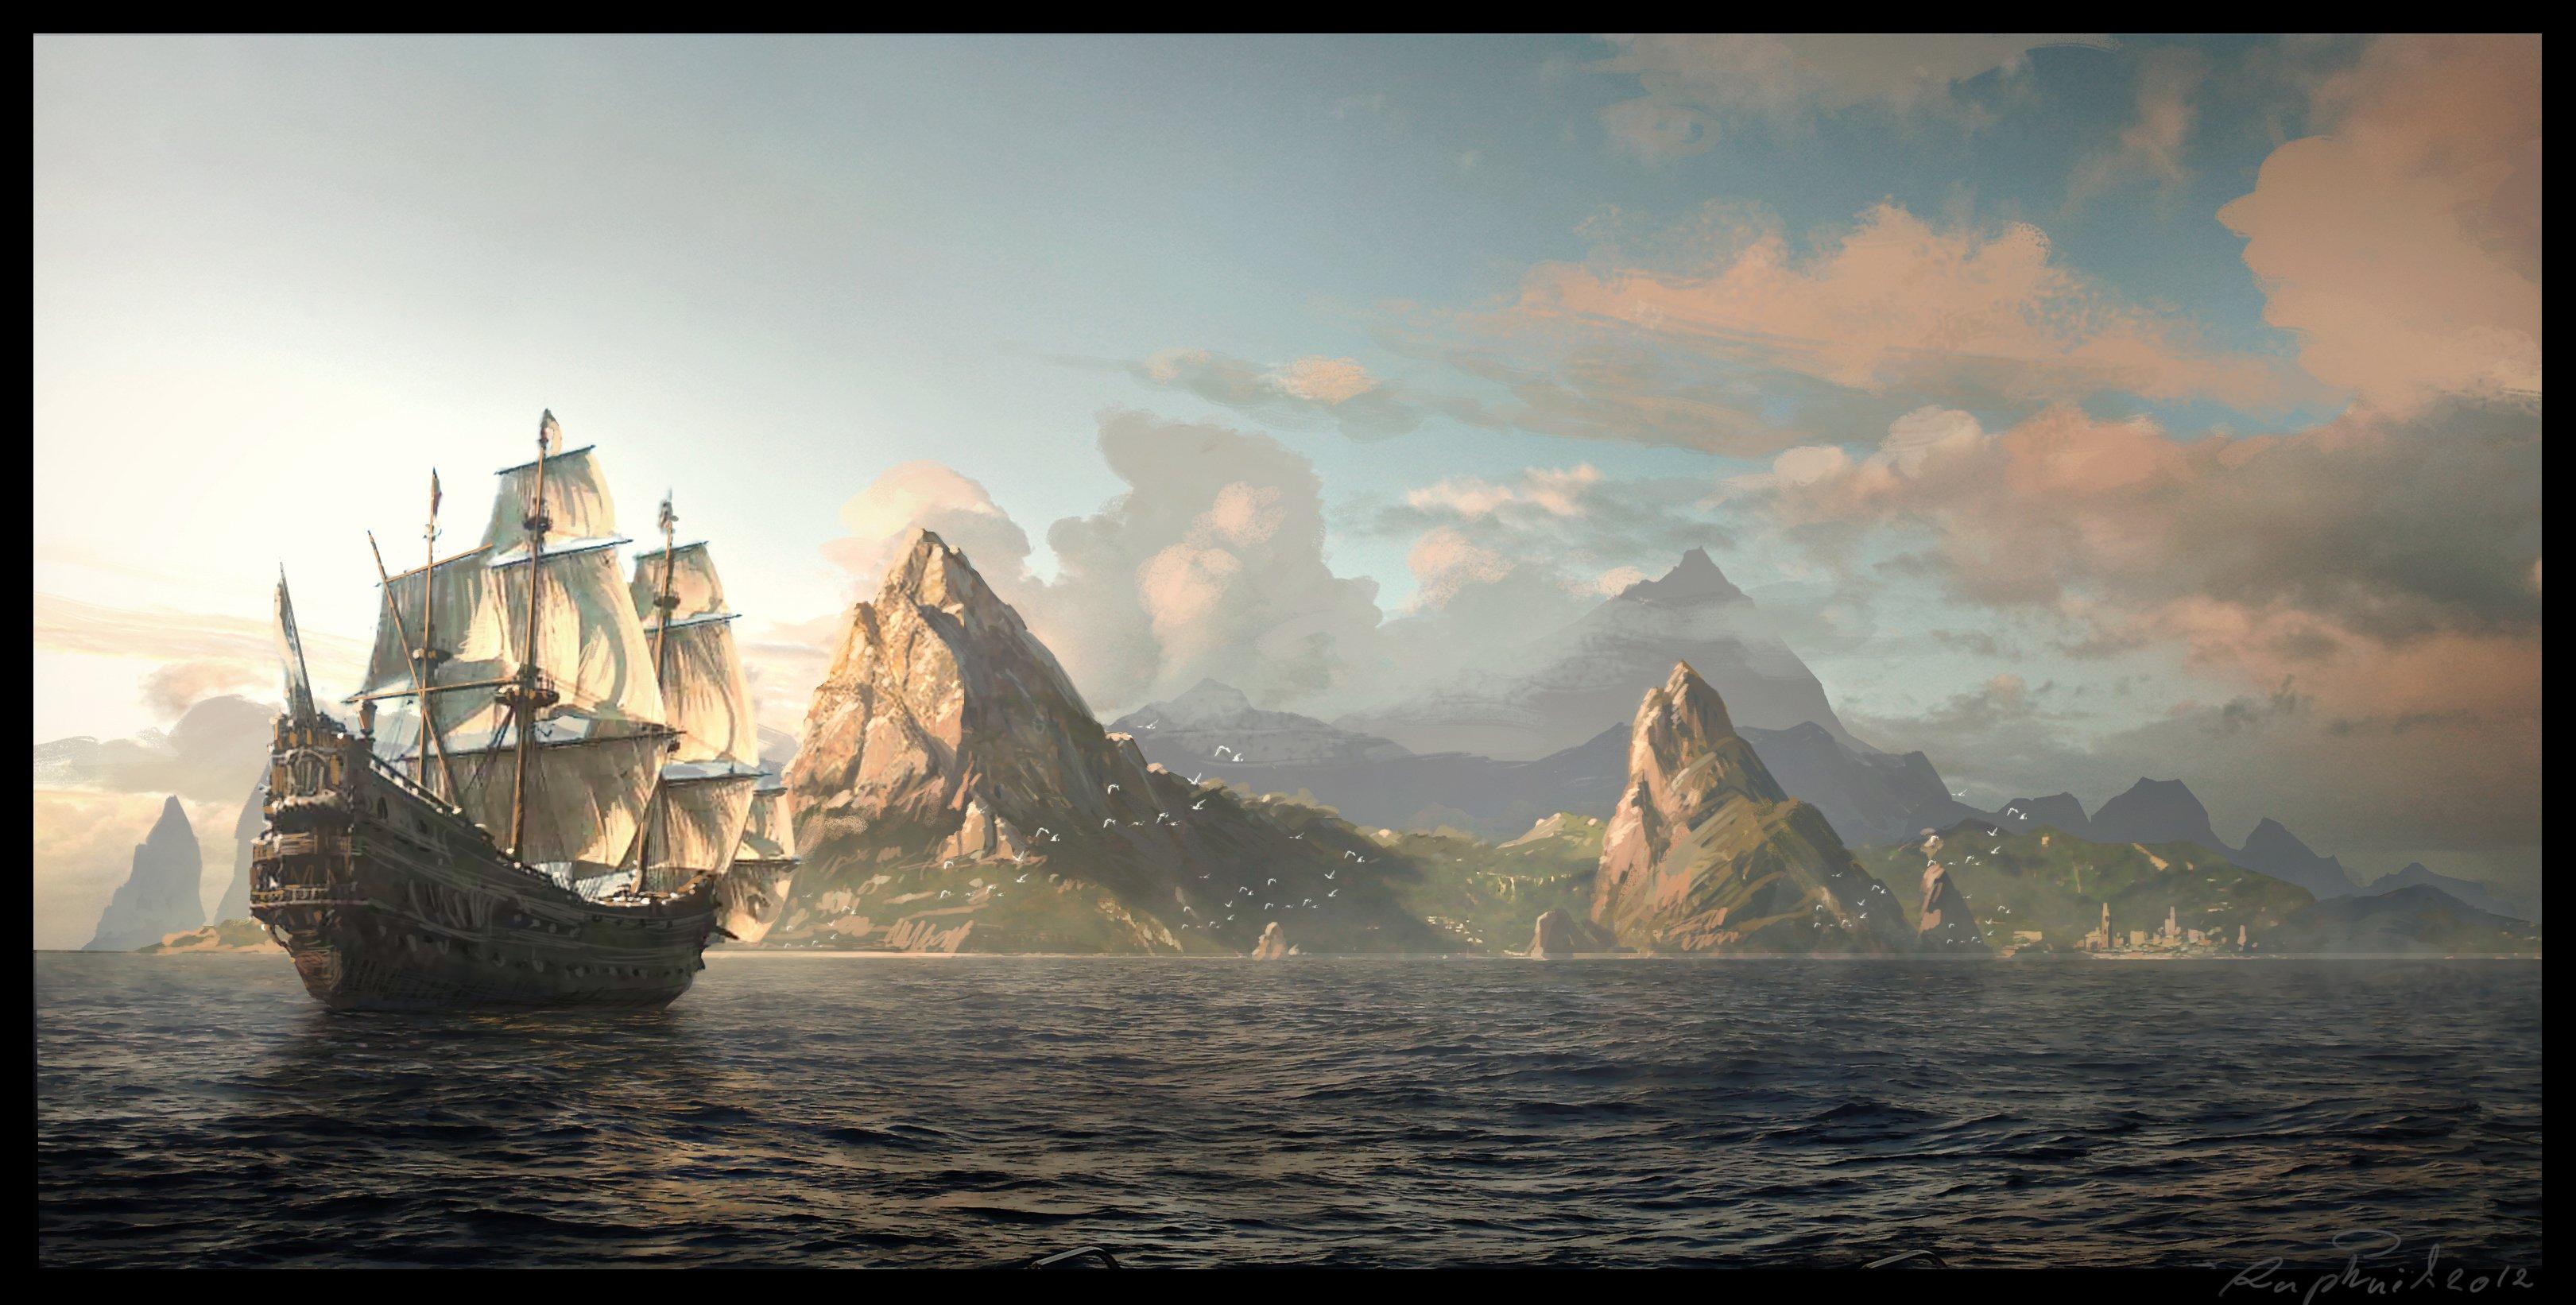 О Наболевшем:Вообще поразительная серия  игр,эта Assassin's creed.В конце каждой части начинает надоедать однообразн ... - Изображение 1